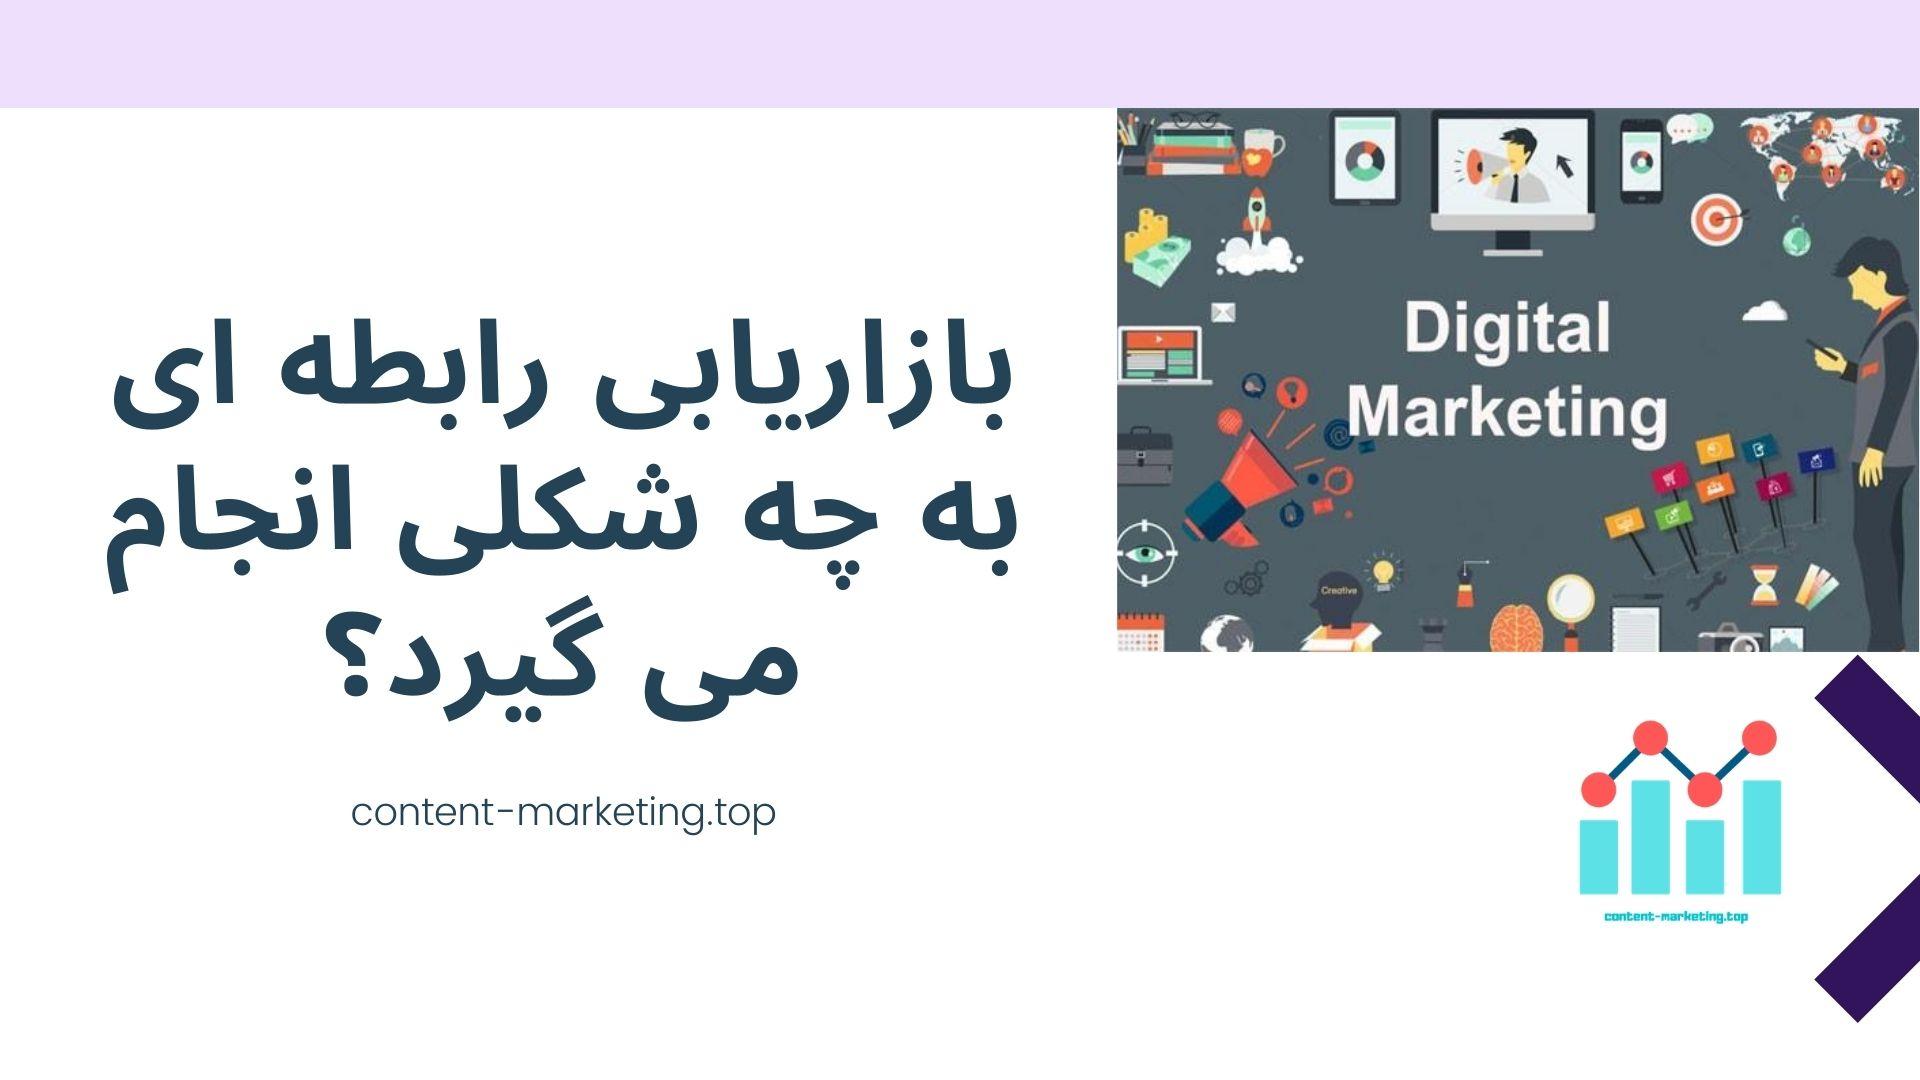 بازاریابی رابطه ای به چه شکلی انجام می گیرد؟